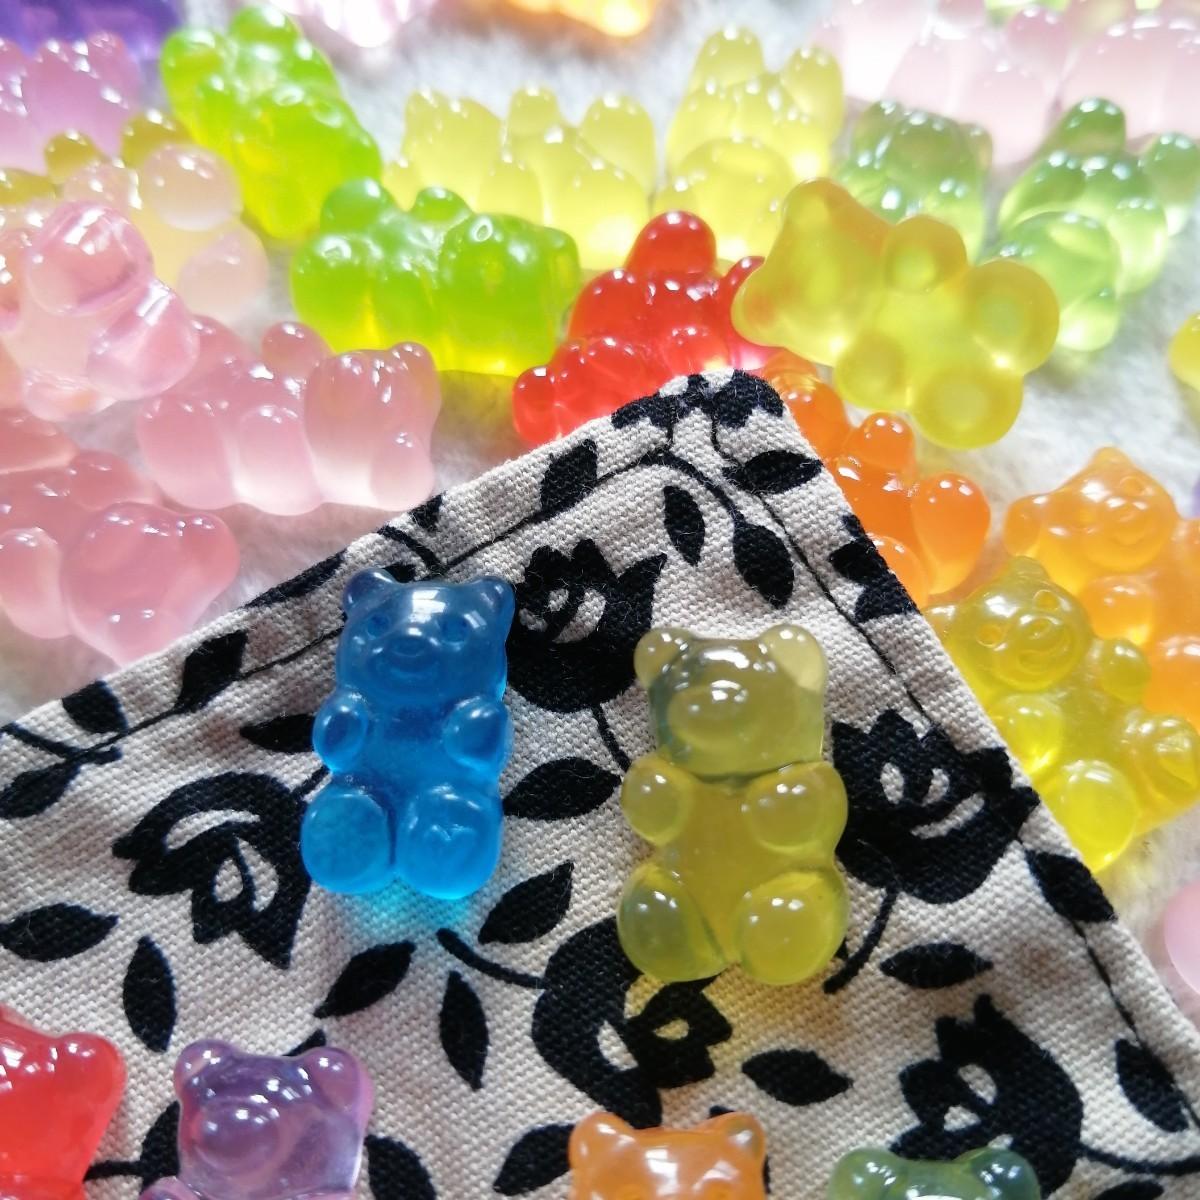 デコパーツ プラパーツ ハンドメイド 手作り 花台 材料 大量 パーツ 熊FB1